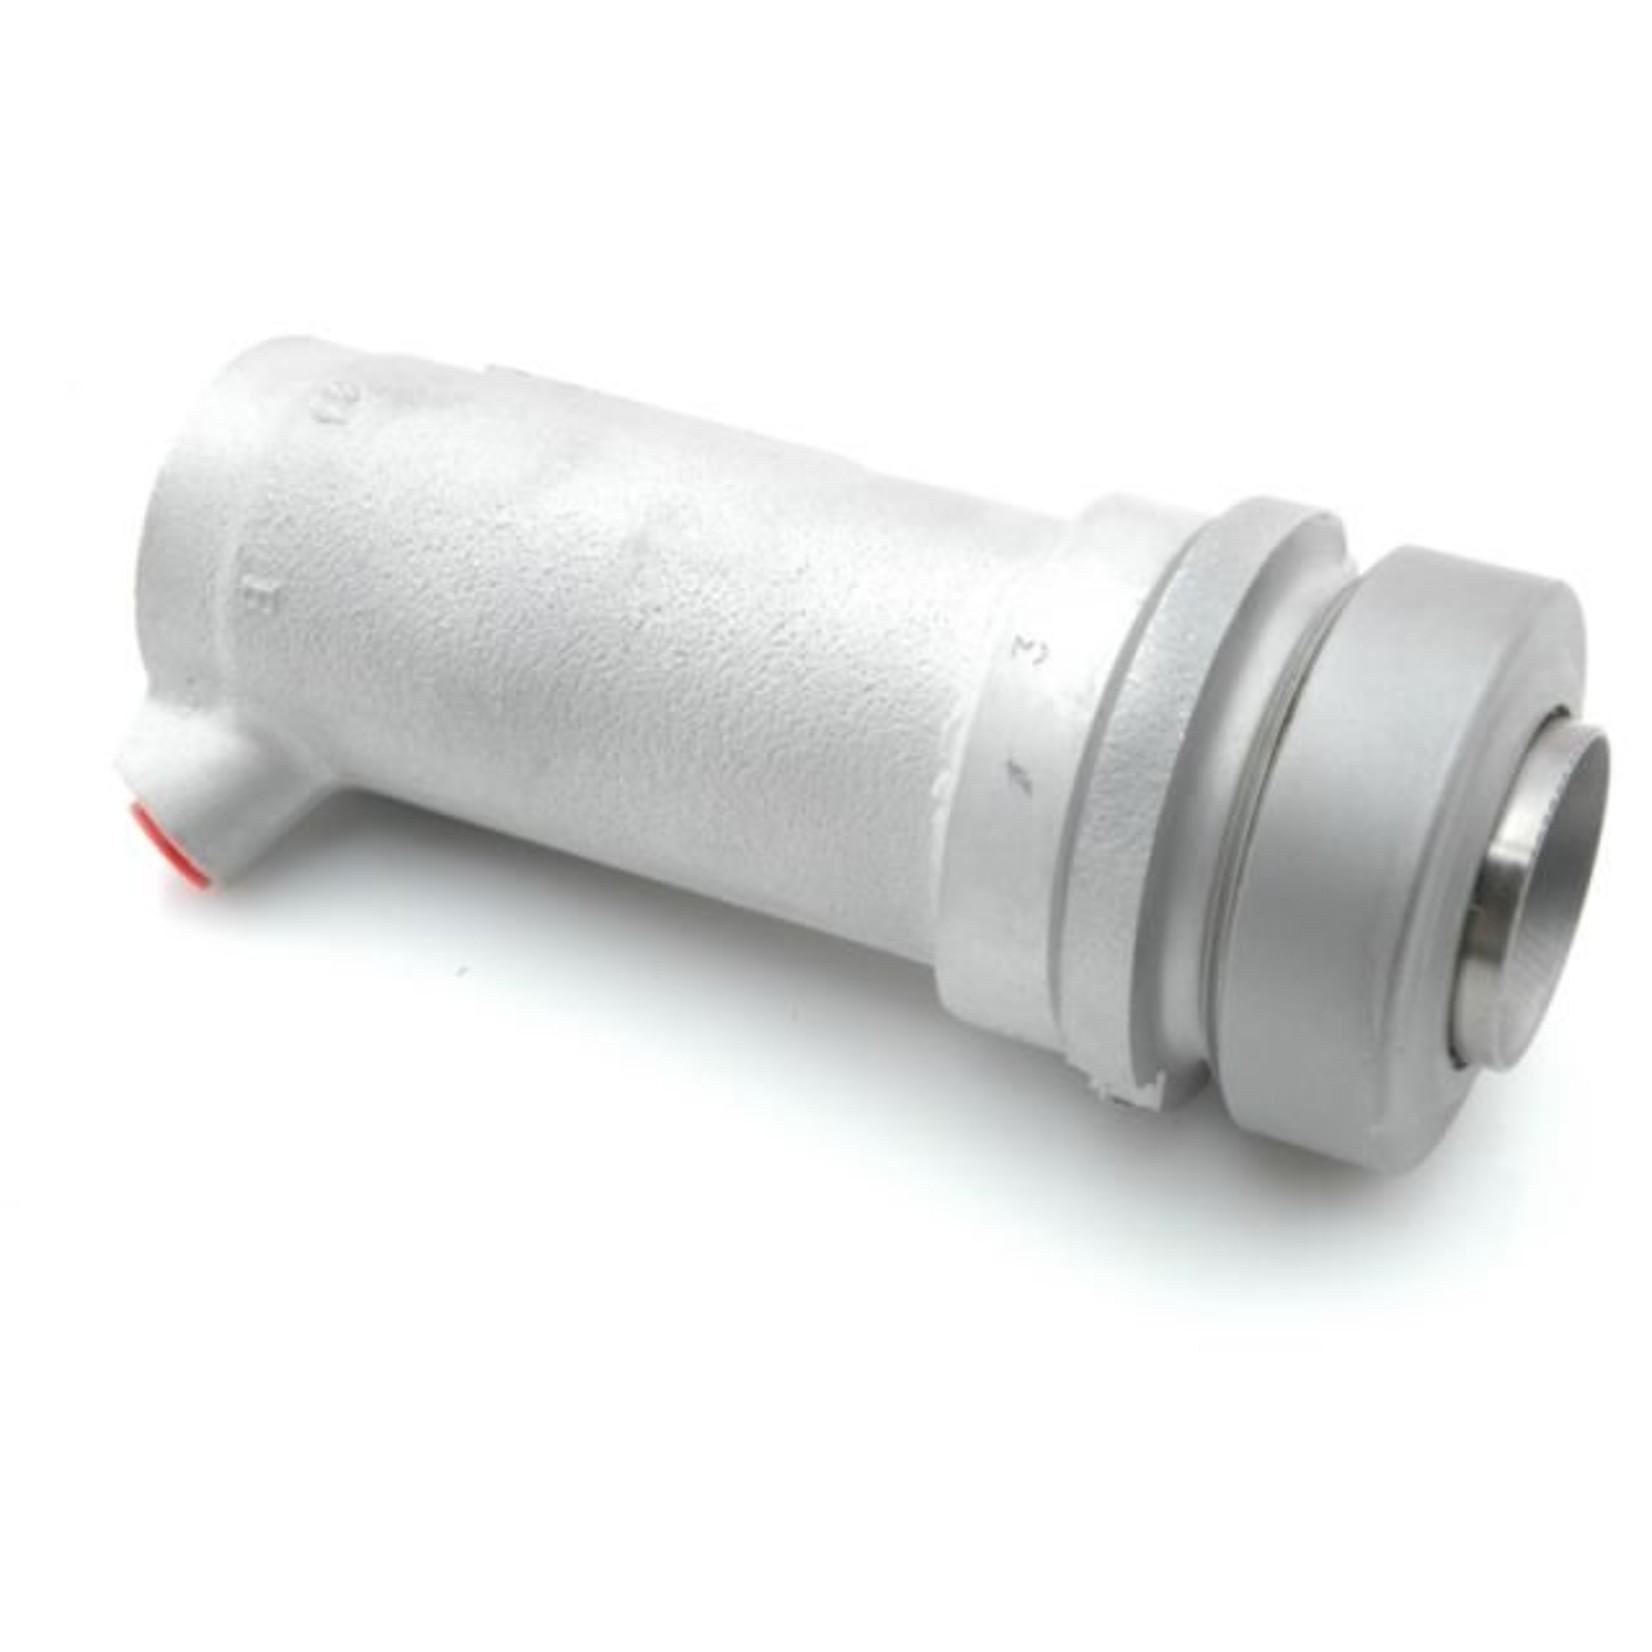 Cilindro de suspensión delantera izquierda reaconditionado LHM Nr Org: 5420192